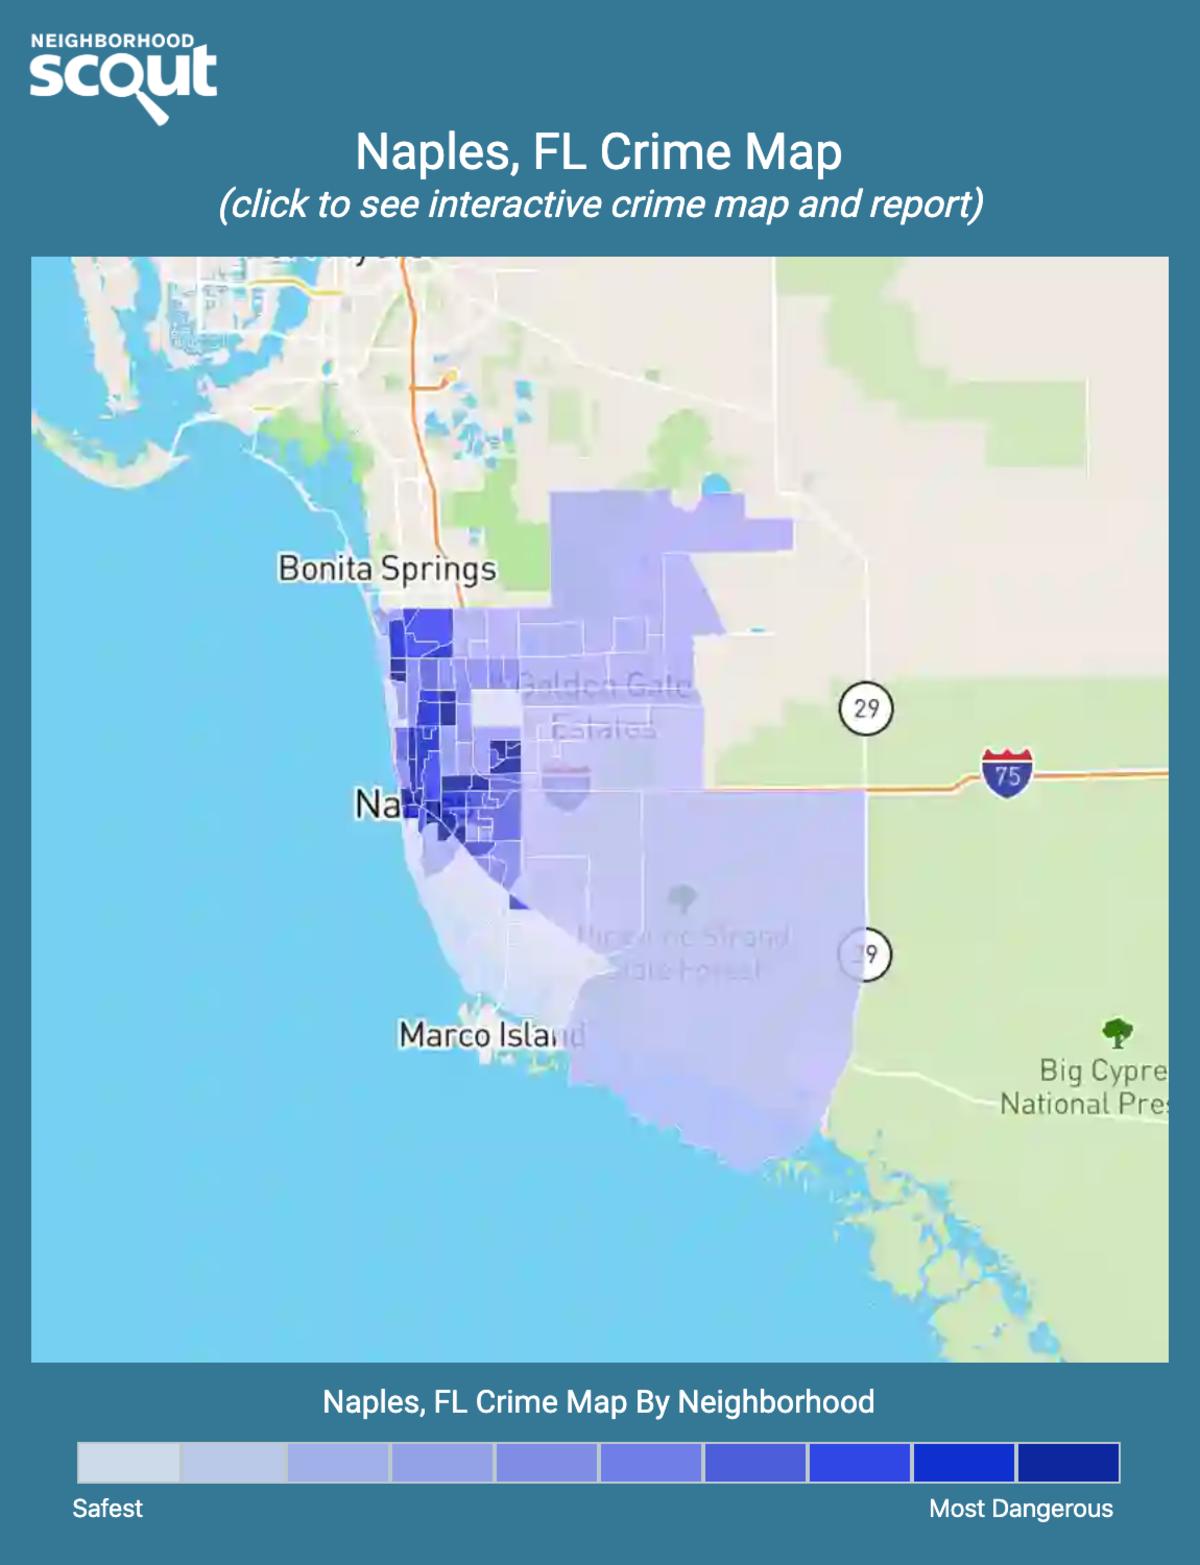 Naples, Florida crime map